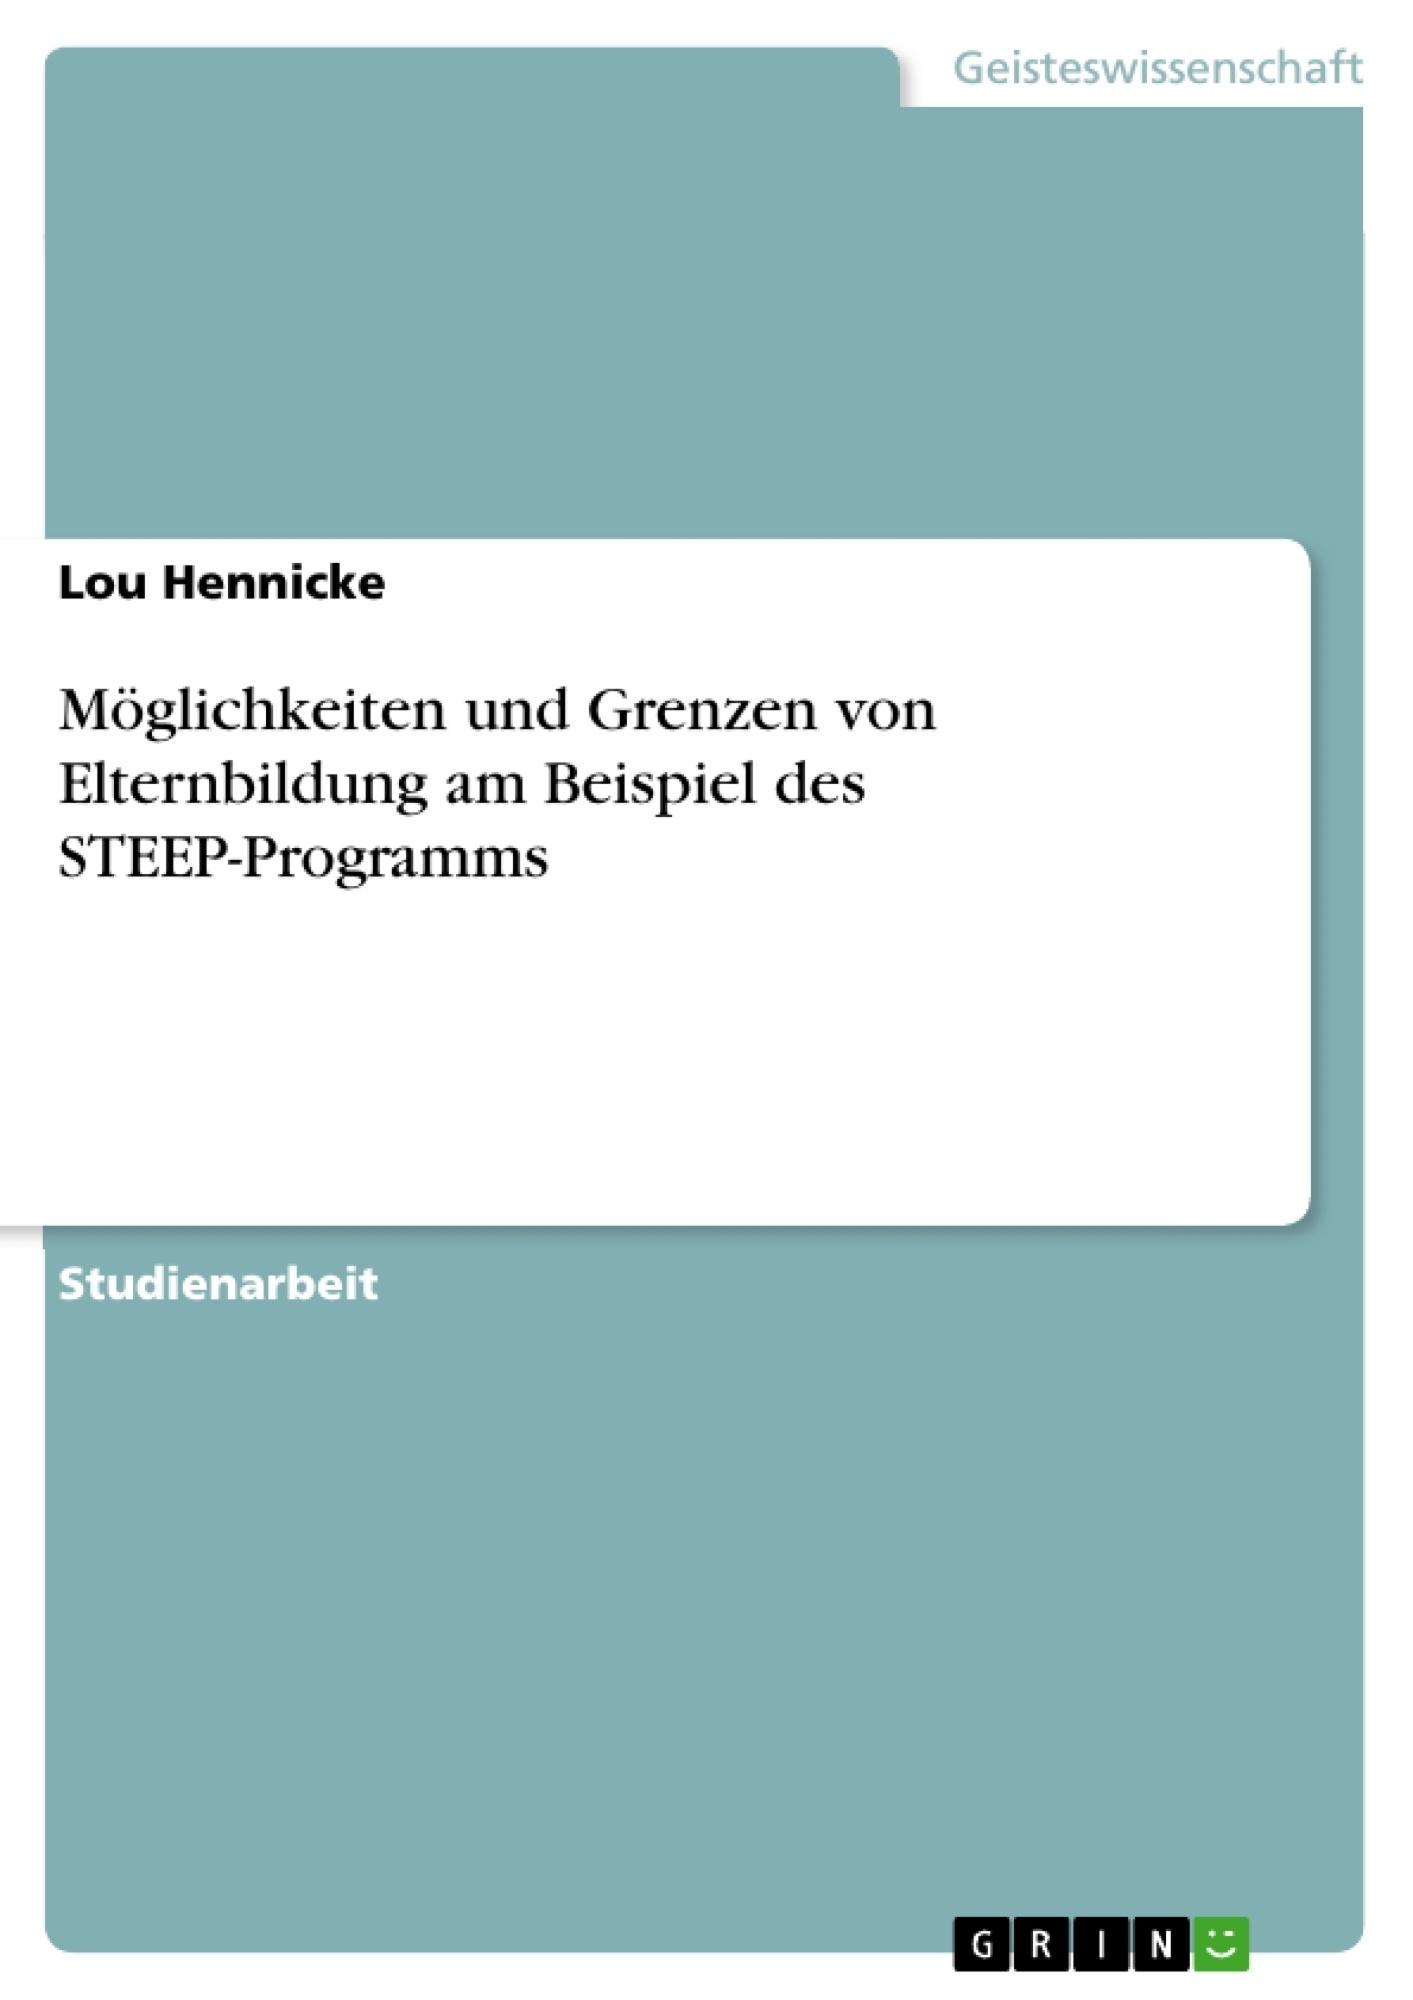 Titel: Möglichkeiten und Grenzen von Elternbildung am Beispiel des STEEP-Programms